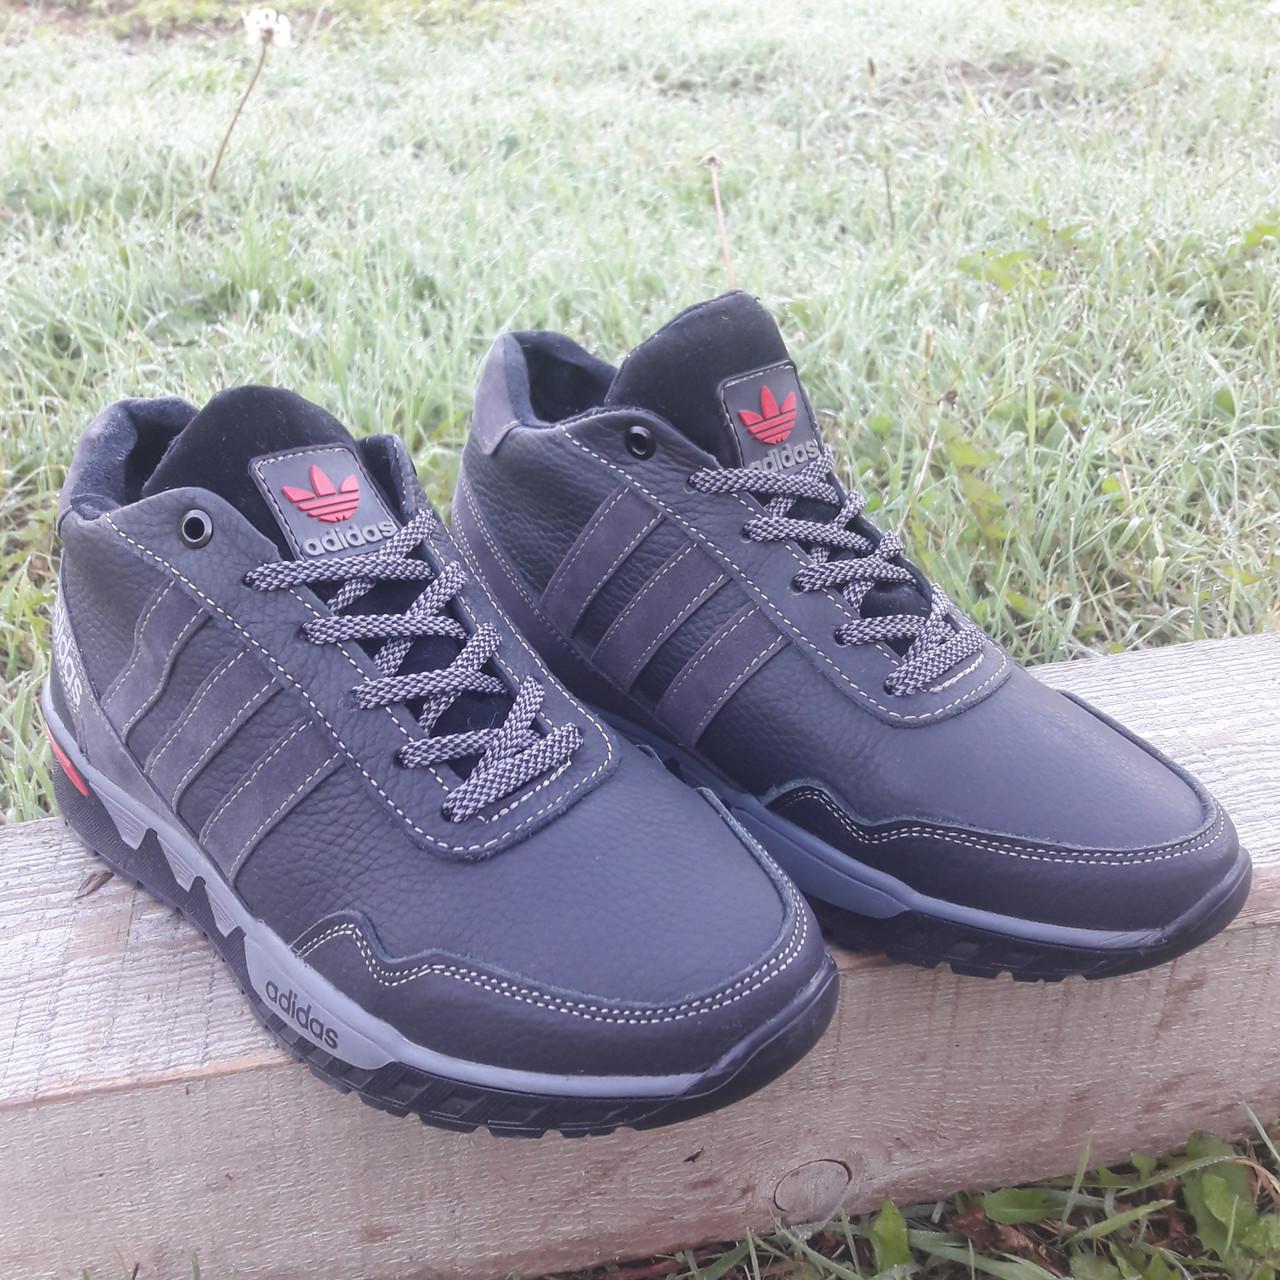 Кросівки чоловічі зимові Adidas р. 41 шкіра Харків чорні